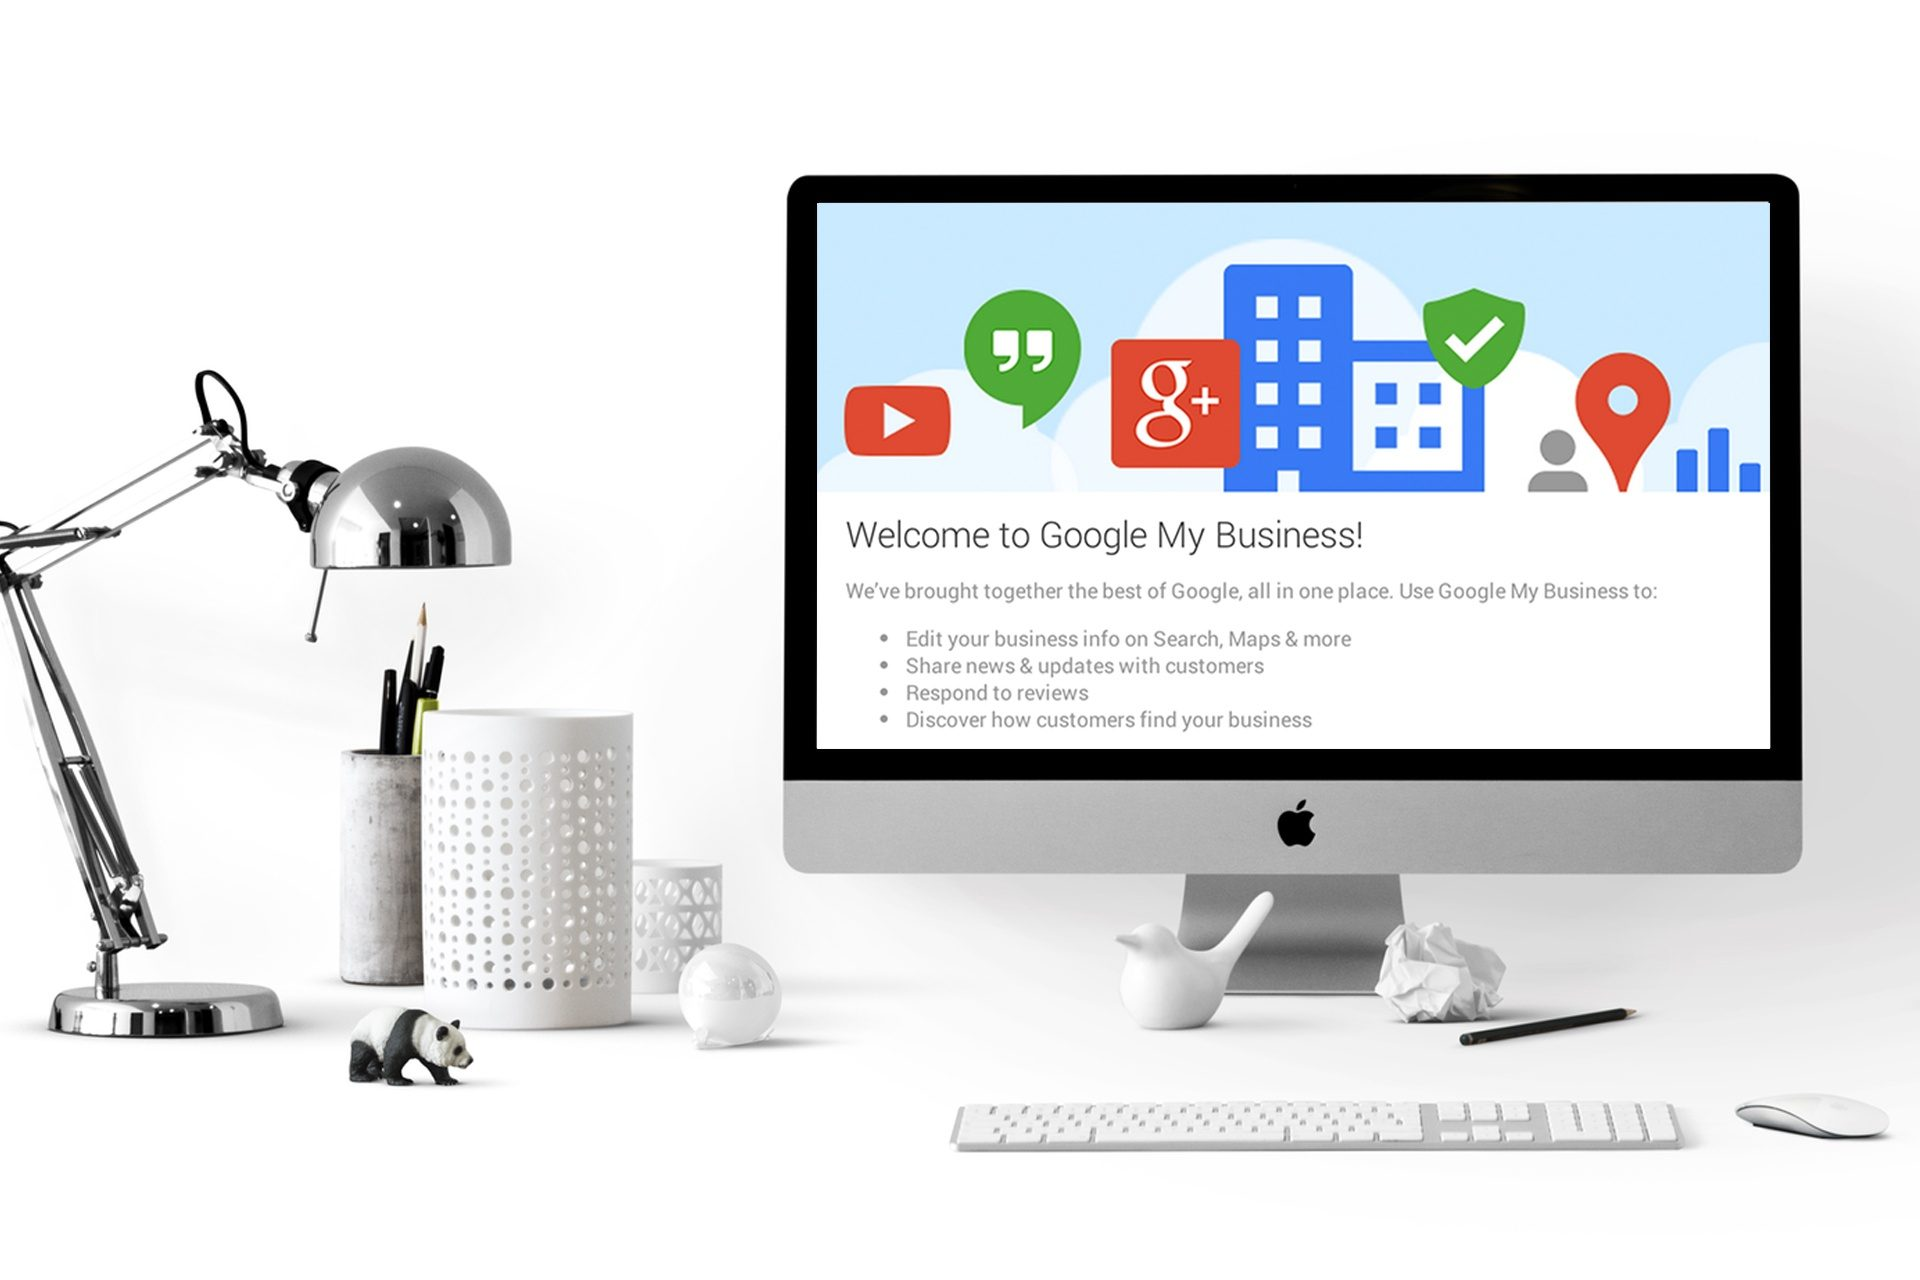 Κατασκευή e-shop & ιστοσελίδων Θεσσαλονίκη 5 Τips για να εκμεταλλευτείς στο έπακρο το Google My Business